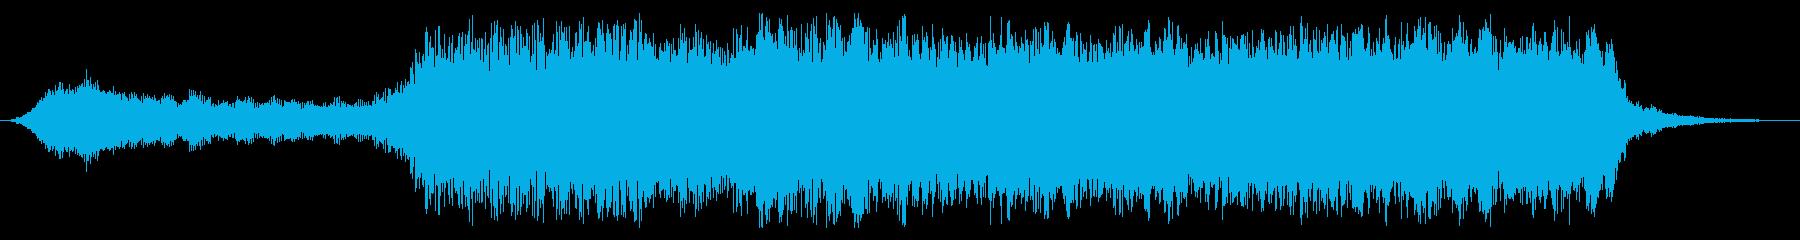 上昇 中国のオルガンゴングライジン...の再生済みの波形